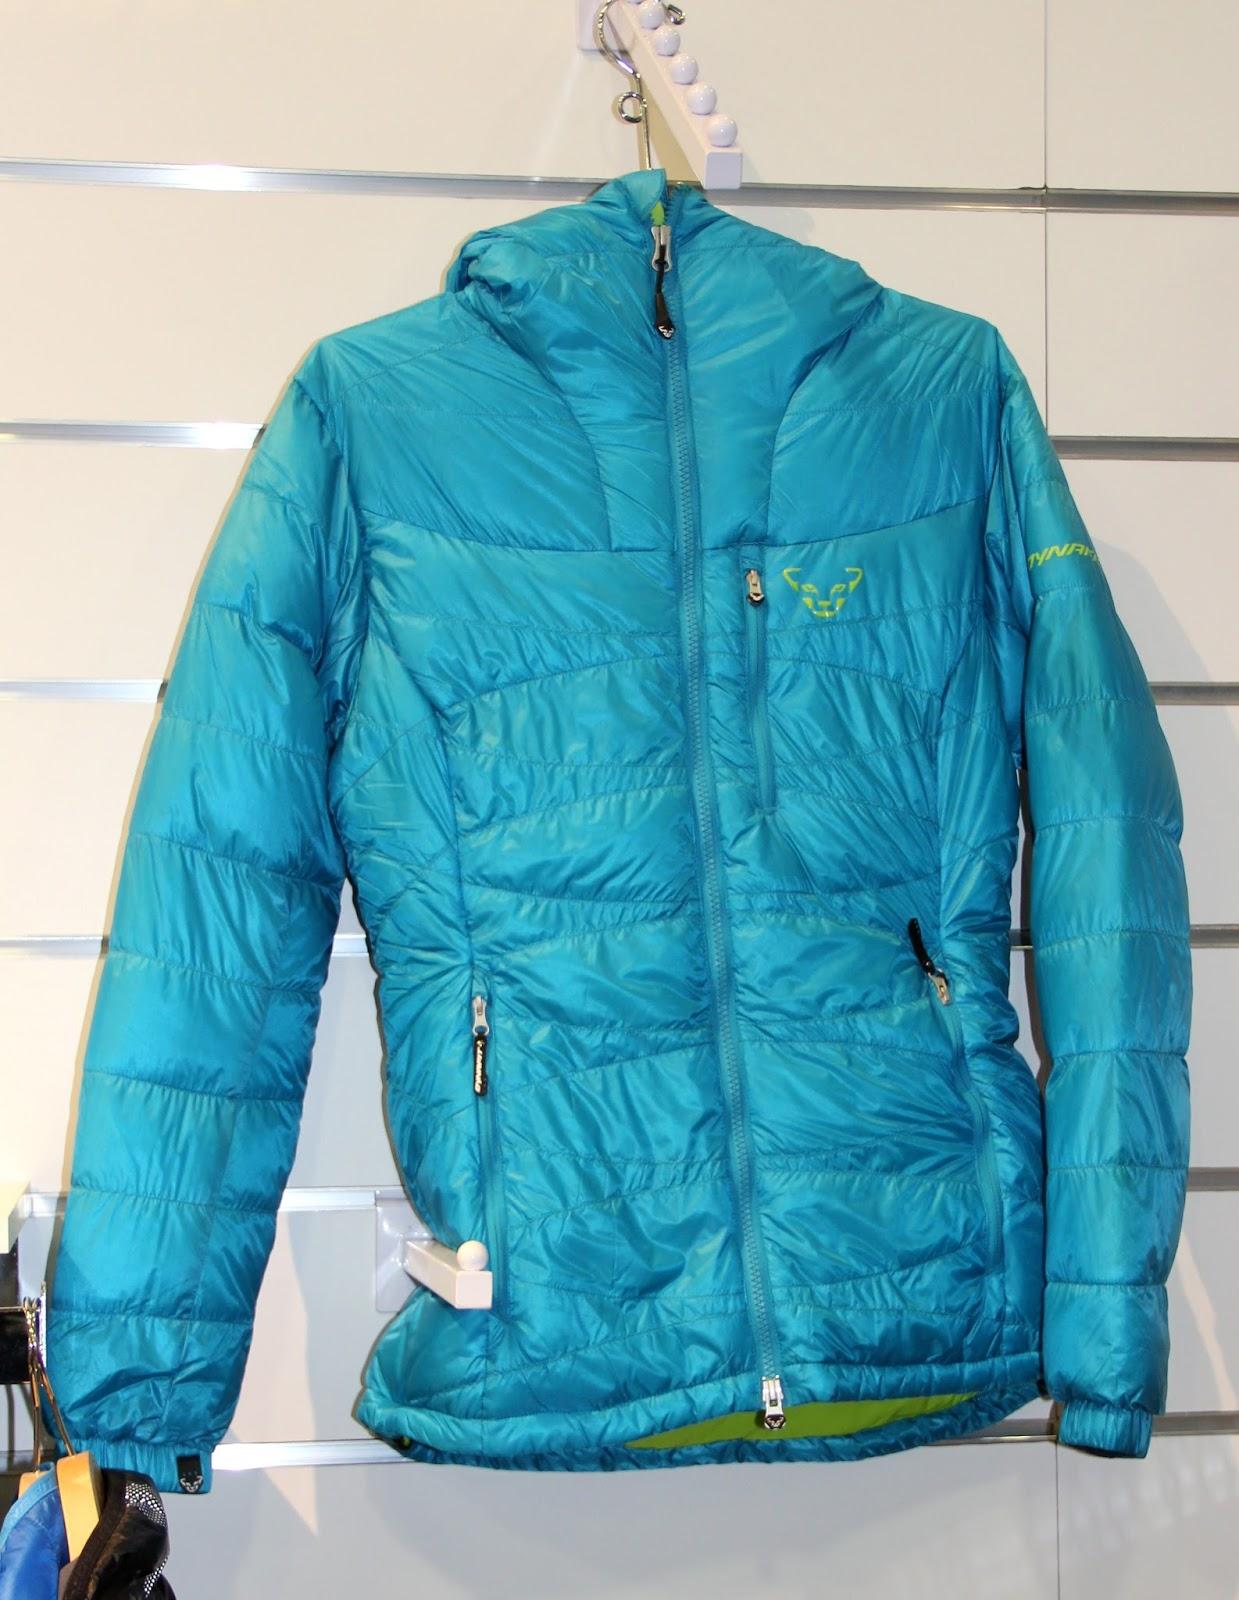 Outdoor Outdoor Retailer ApparelFootwearGear Color Trendsfall ApparelFootwearGear Retailer SVjpGqULMz